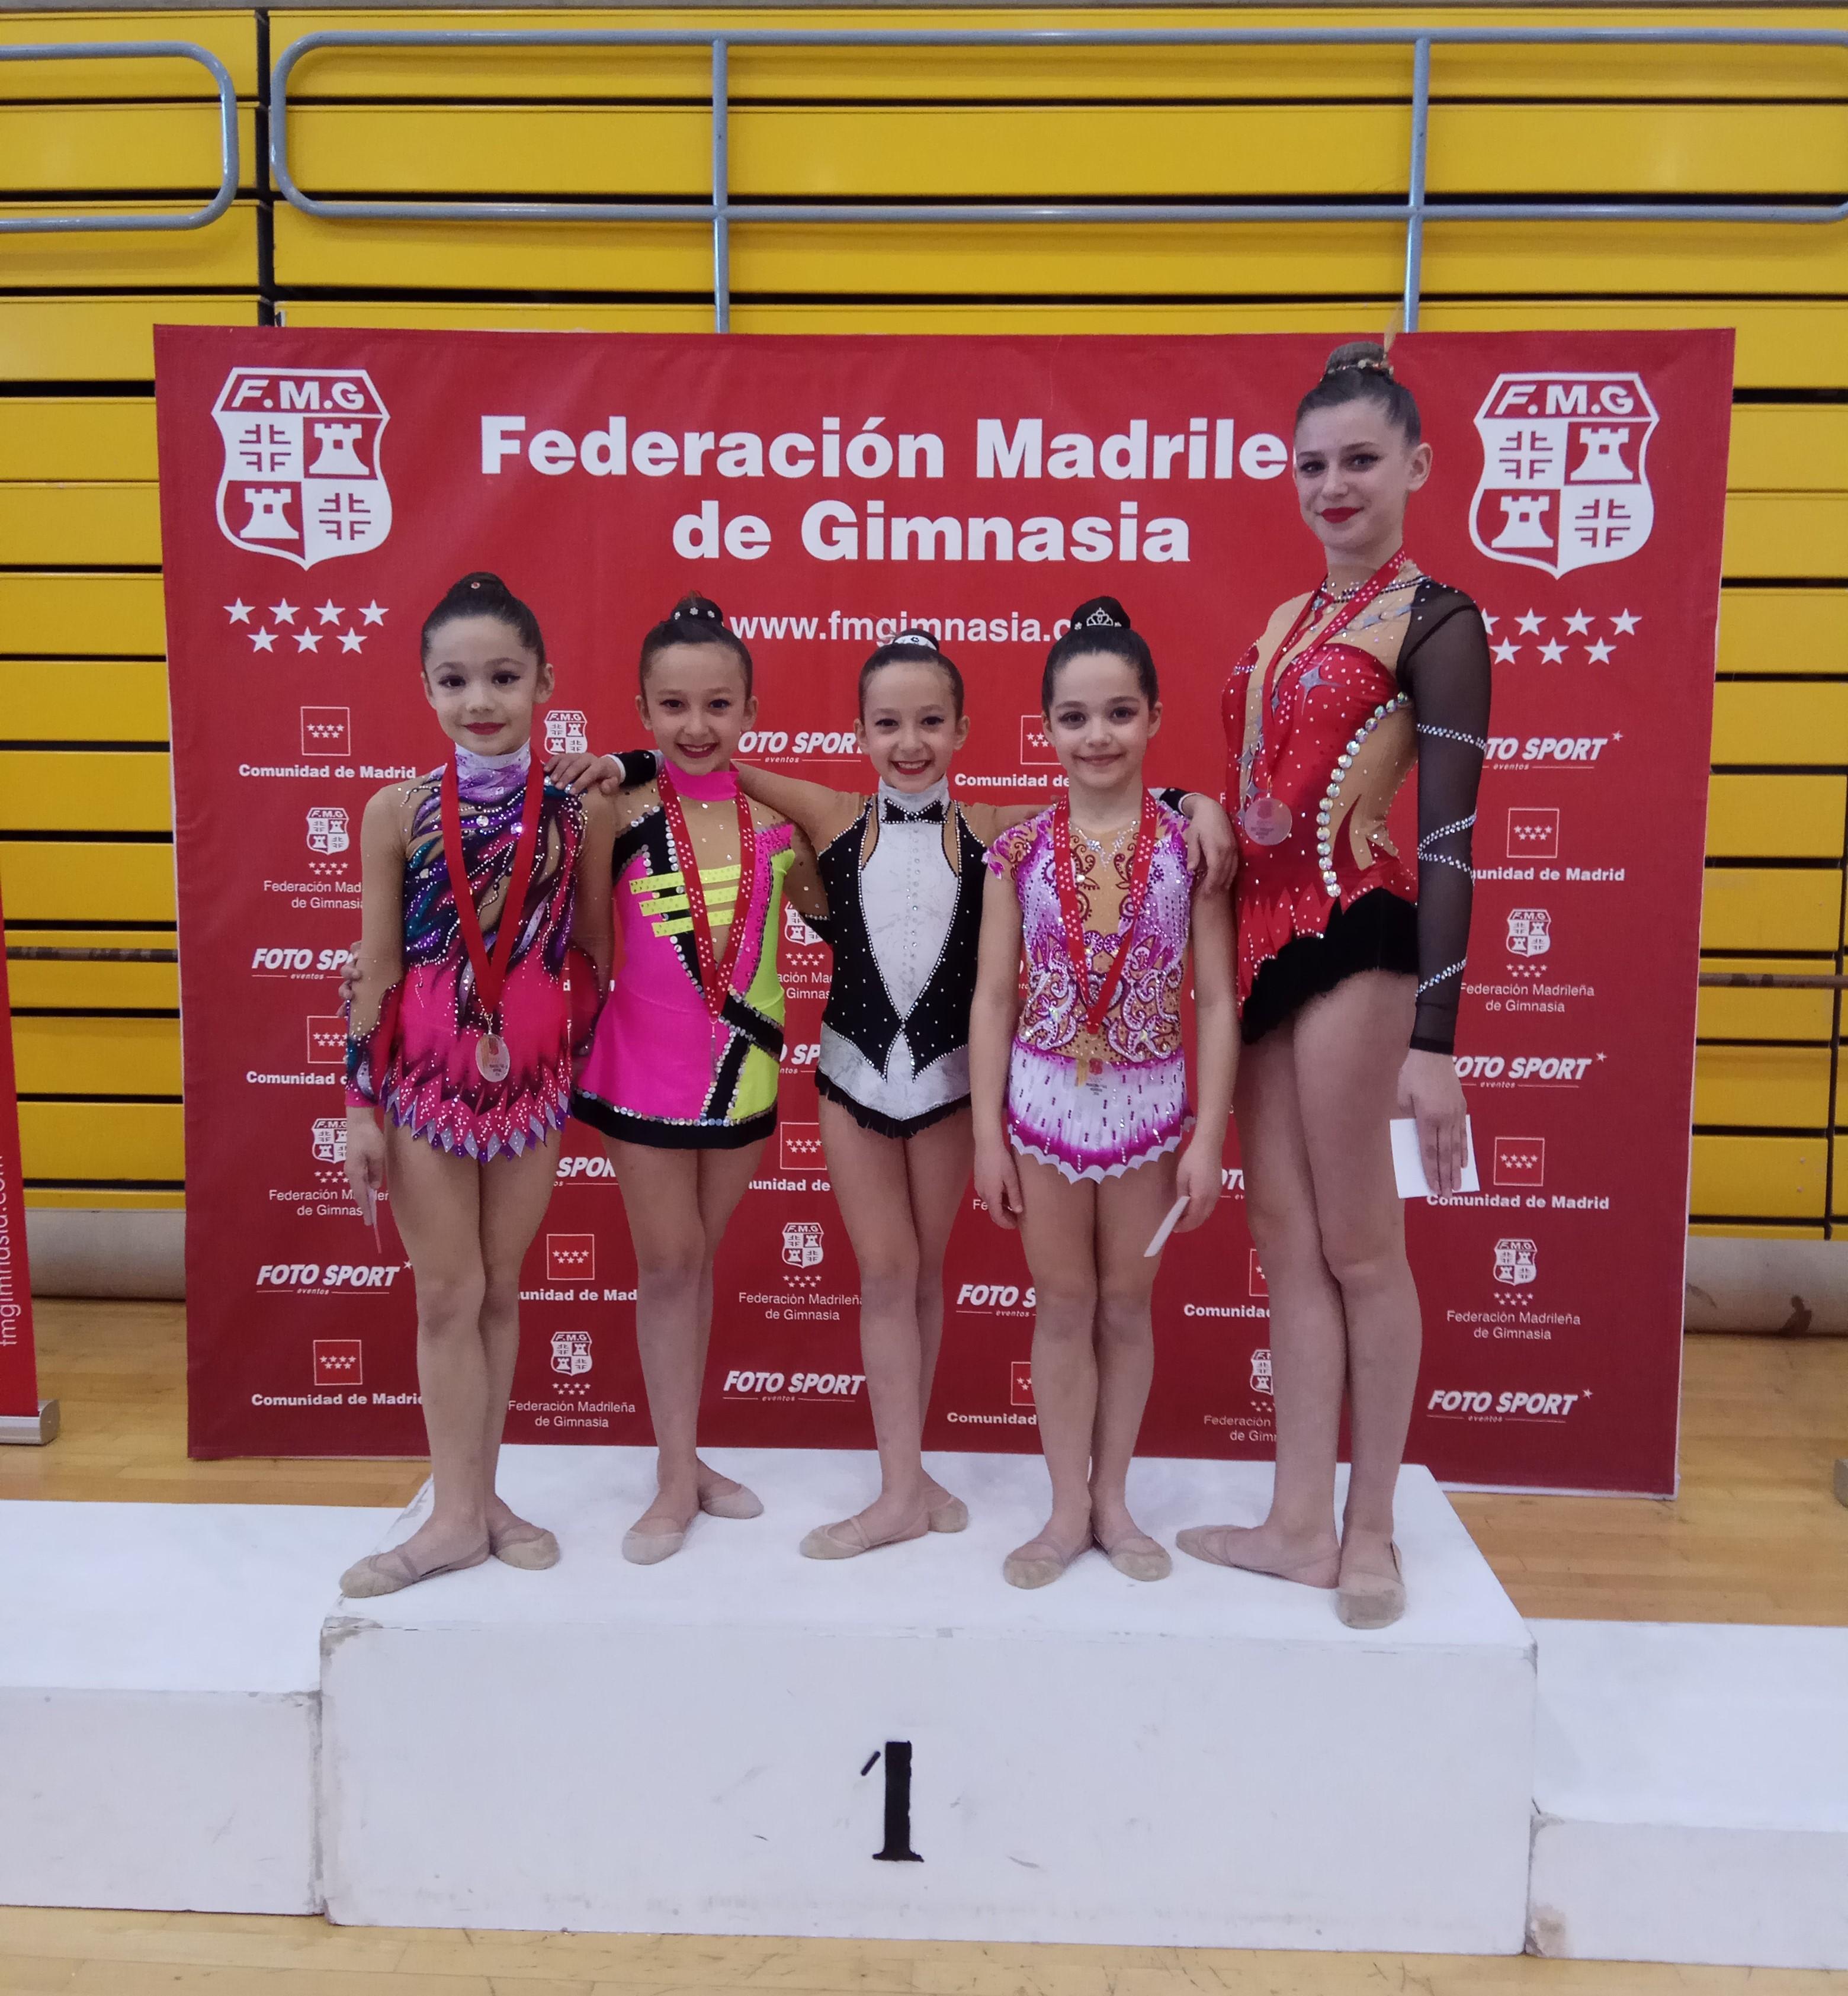 Las gimnastas de CGR Velilla obtuvieron muy buenos resultados en la primera fase del Torneo Federación